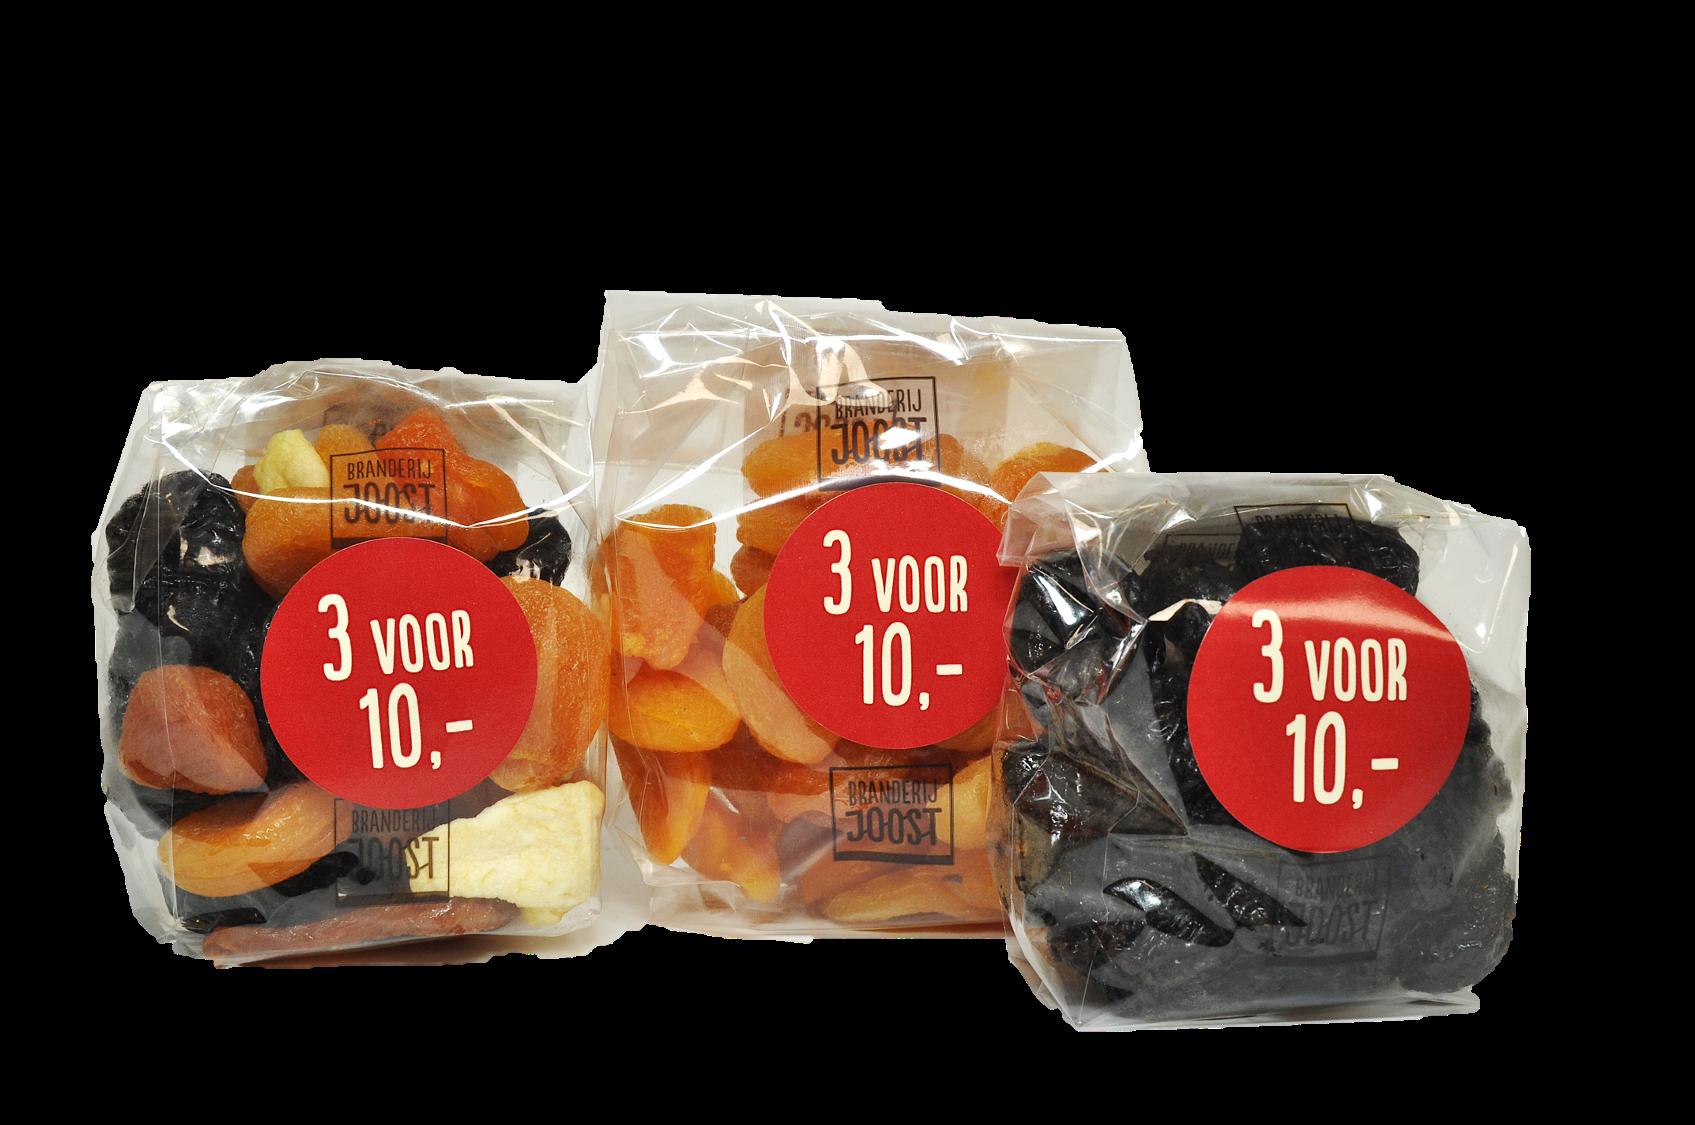 FRUIT 3 voor € 10